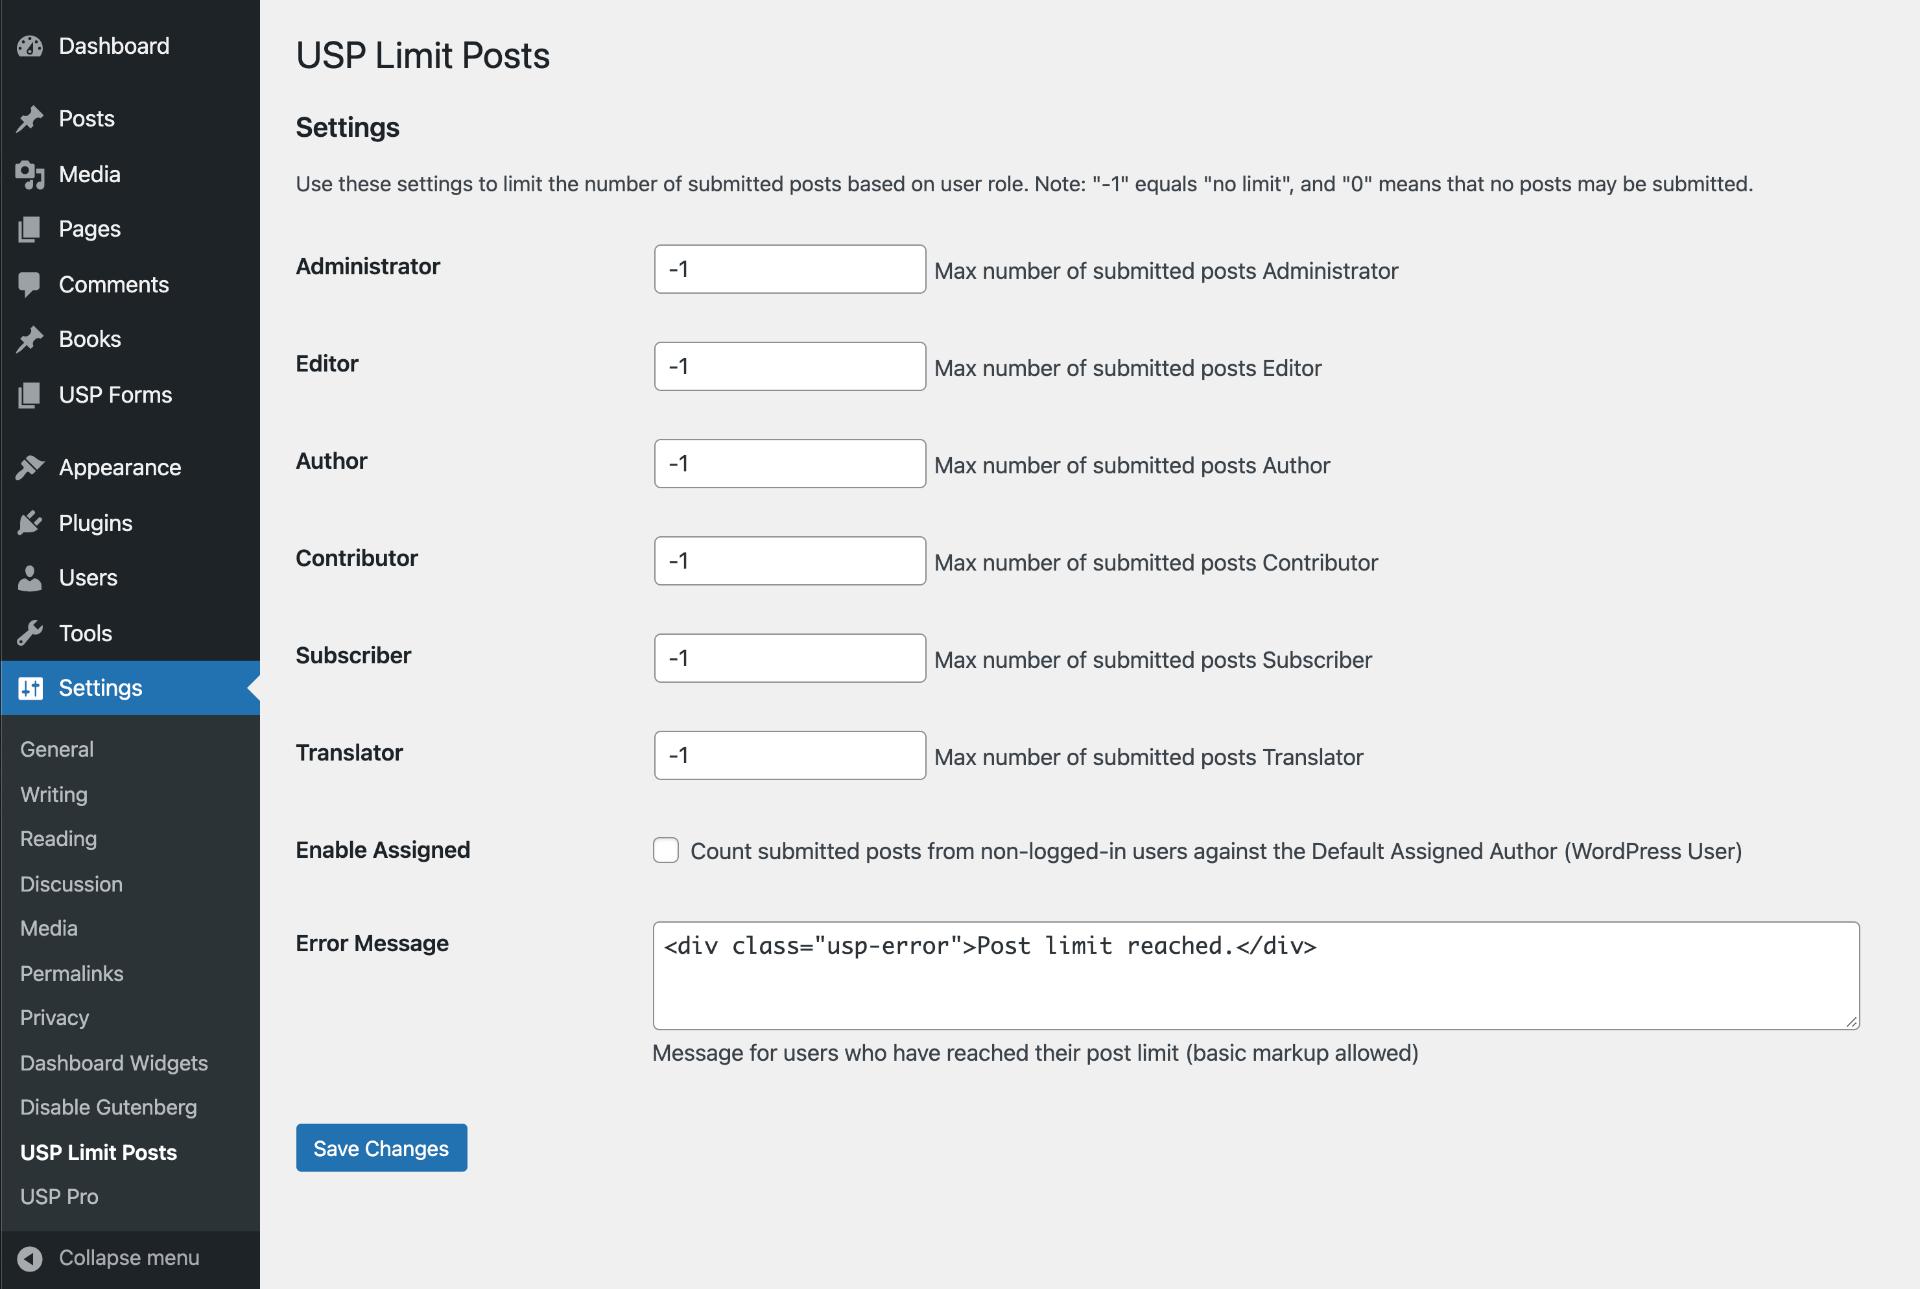 USP Pro Extension: Limit Posts